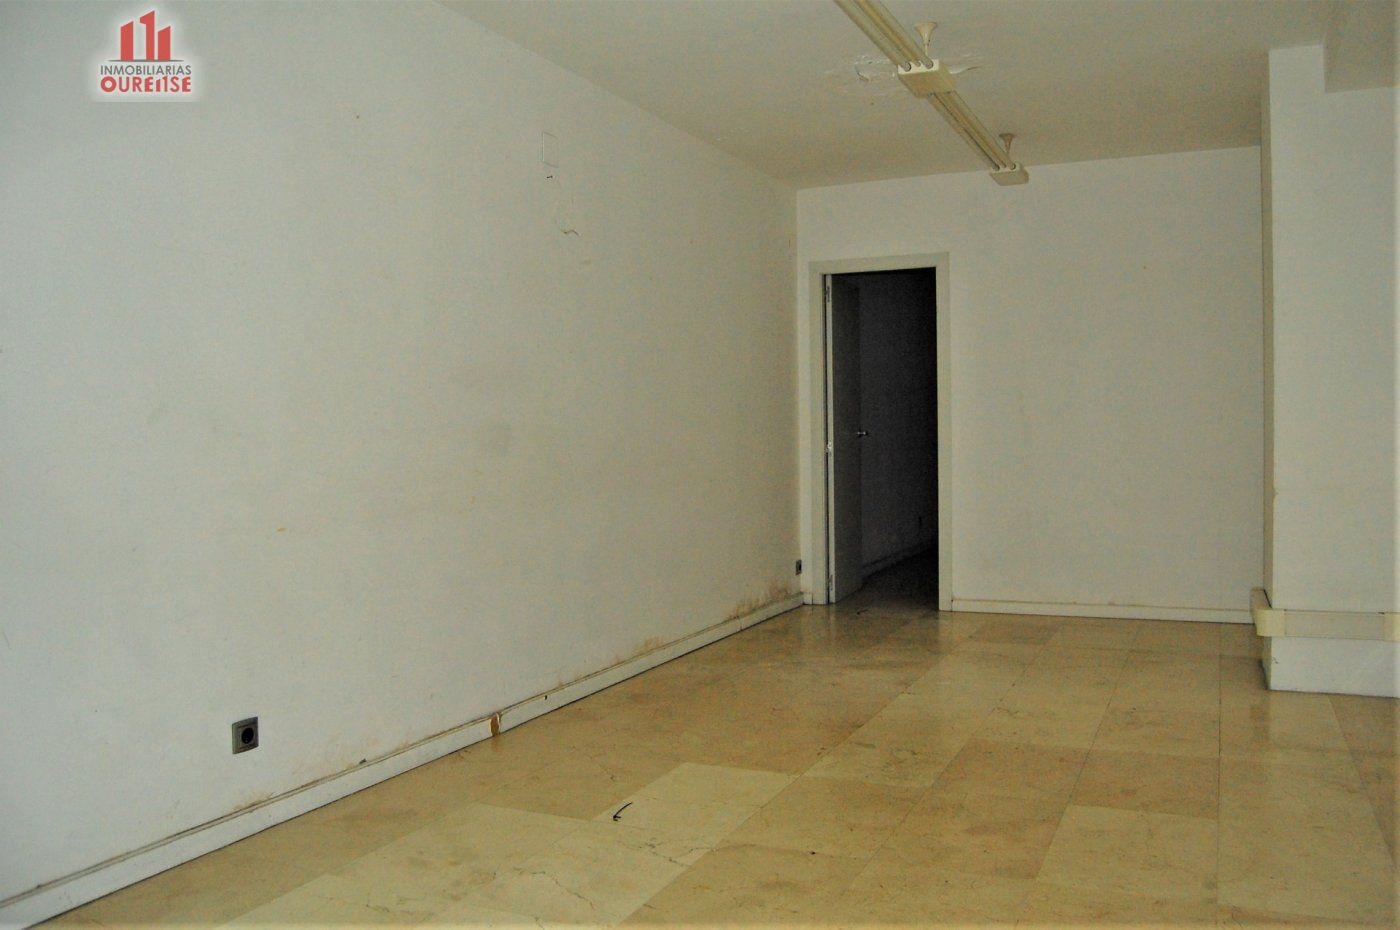 commercial space rent transfer ourense de metros cuadrados 40 en la zona de ourense ref 04761